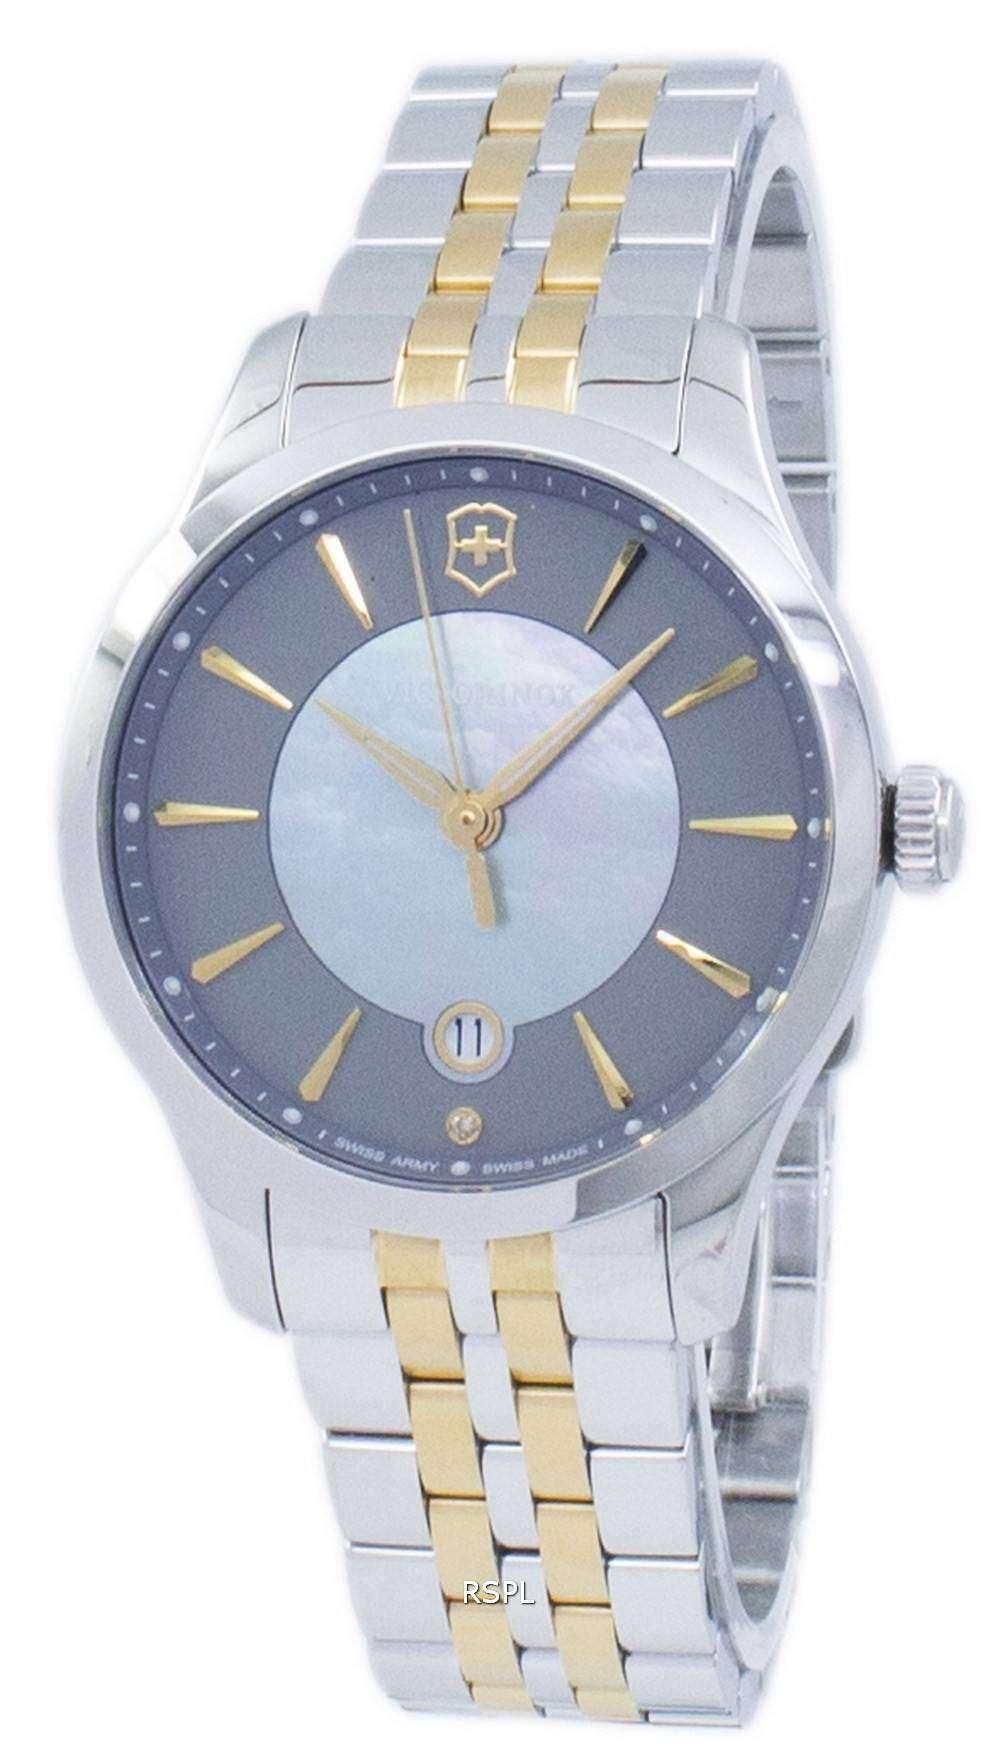 ビクトリノックス アライアンス小さなスイスアーミー石英 241753 レディース腕時計